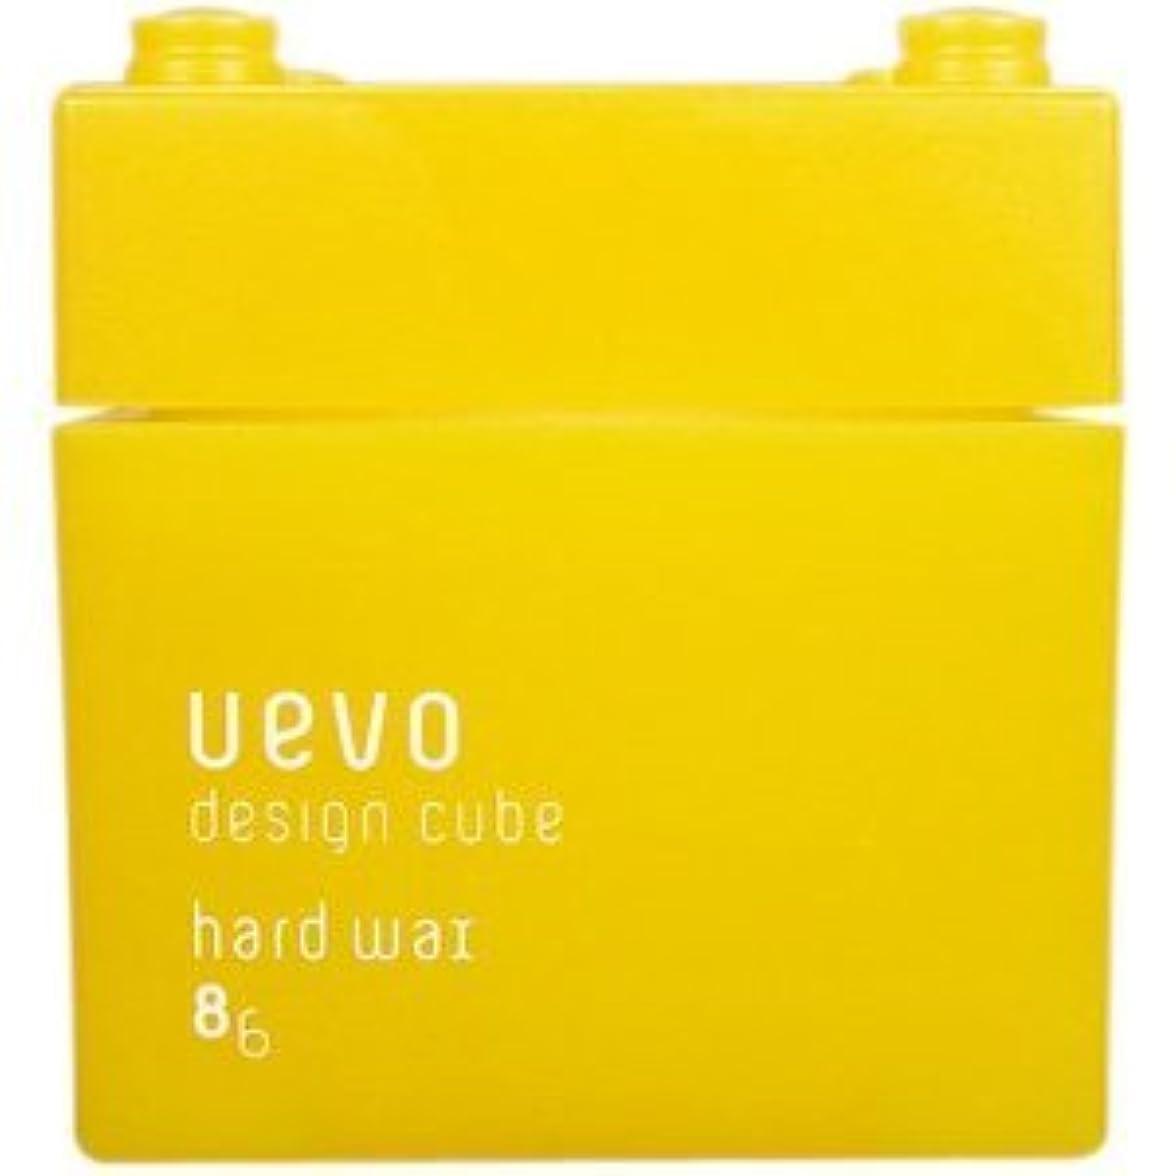 アダルトスタッフ前売【X3個セット】 デミ ウェーボ デザインキューブ ハードワックス 80g hard wax DEMI uevo design cube